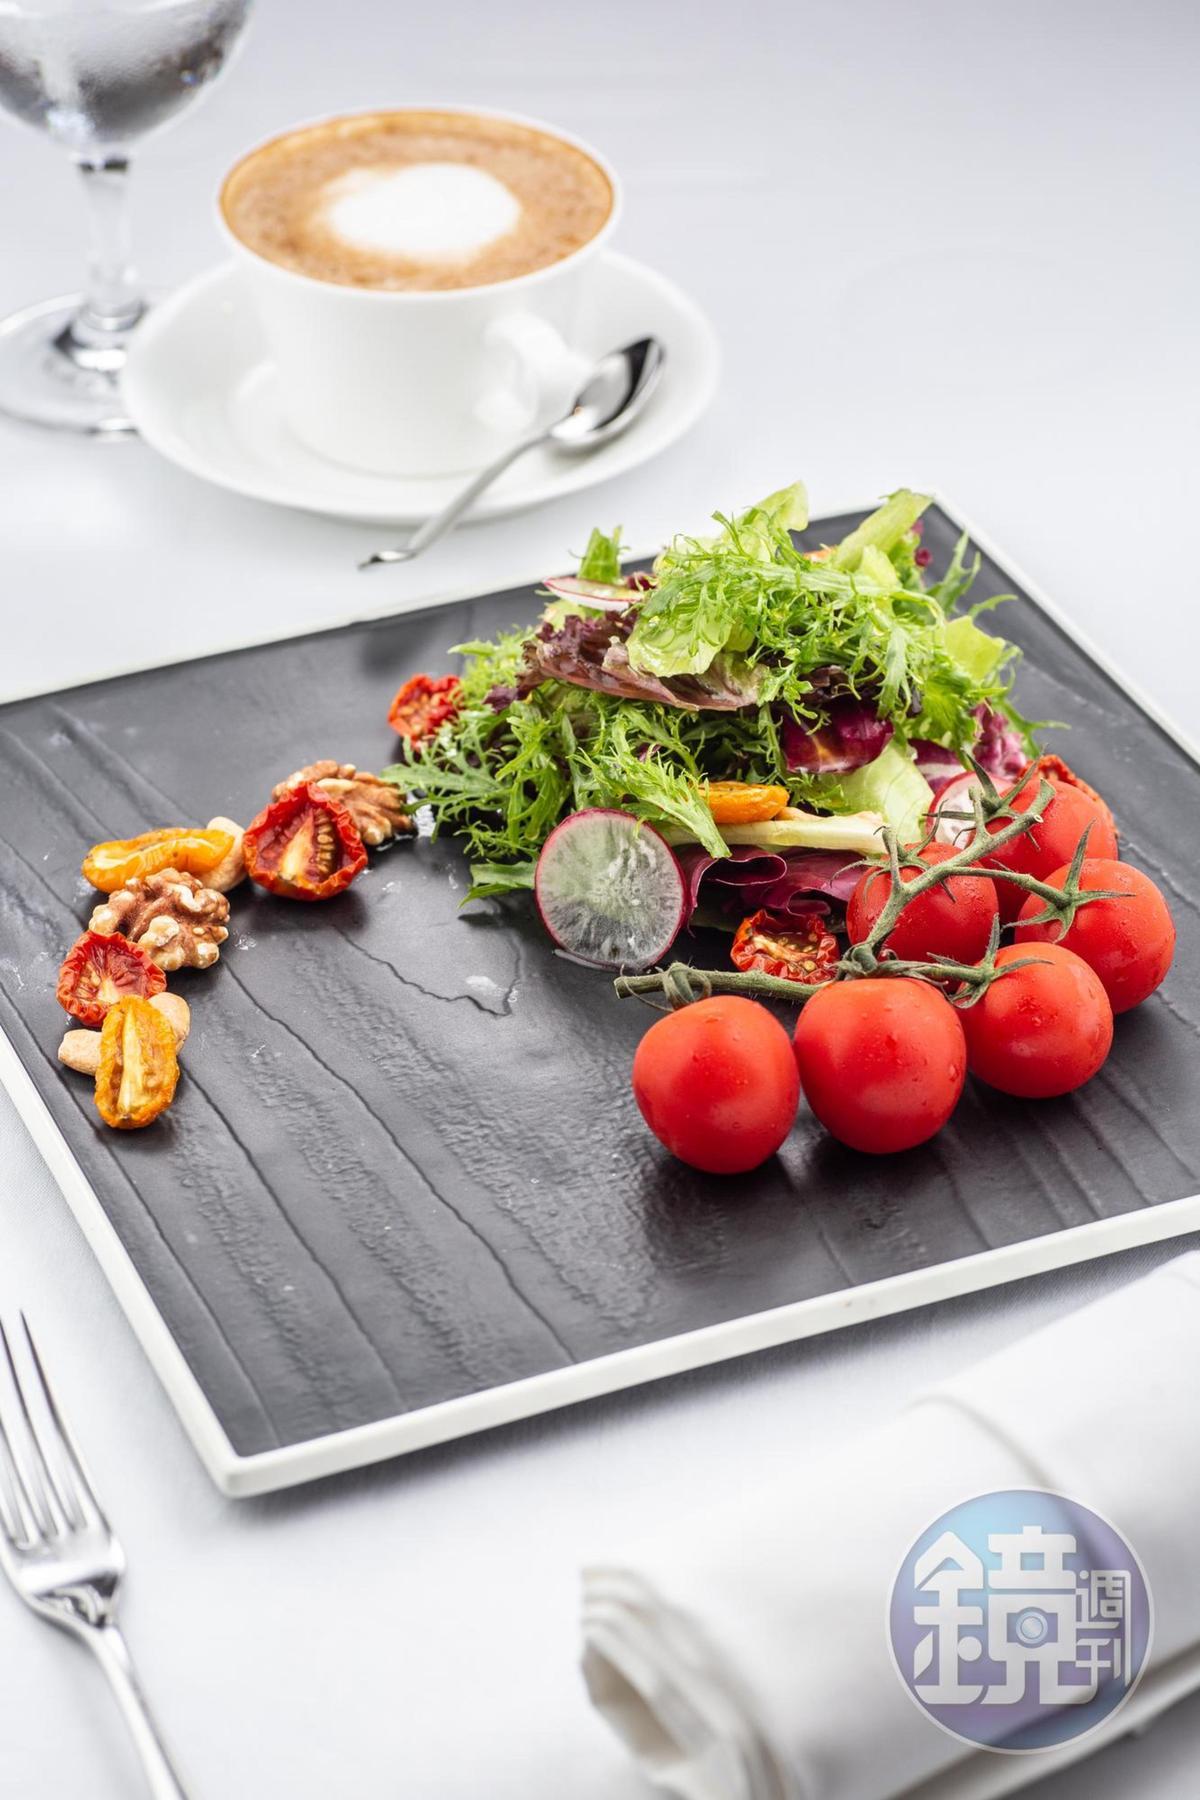 「手工風乾蕃茄沙拉」嘗得到新鮮及風乾番茄的各式風味。(420元/份)